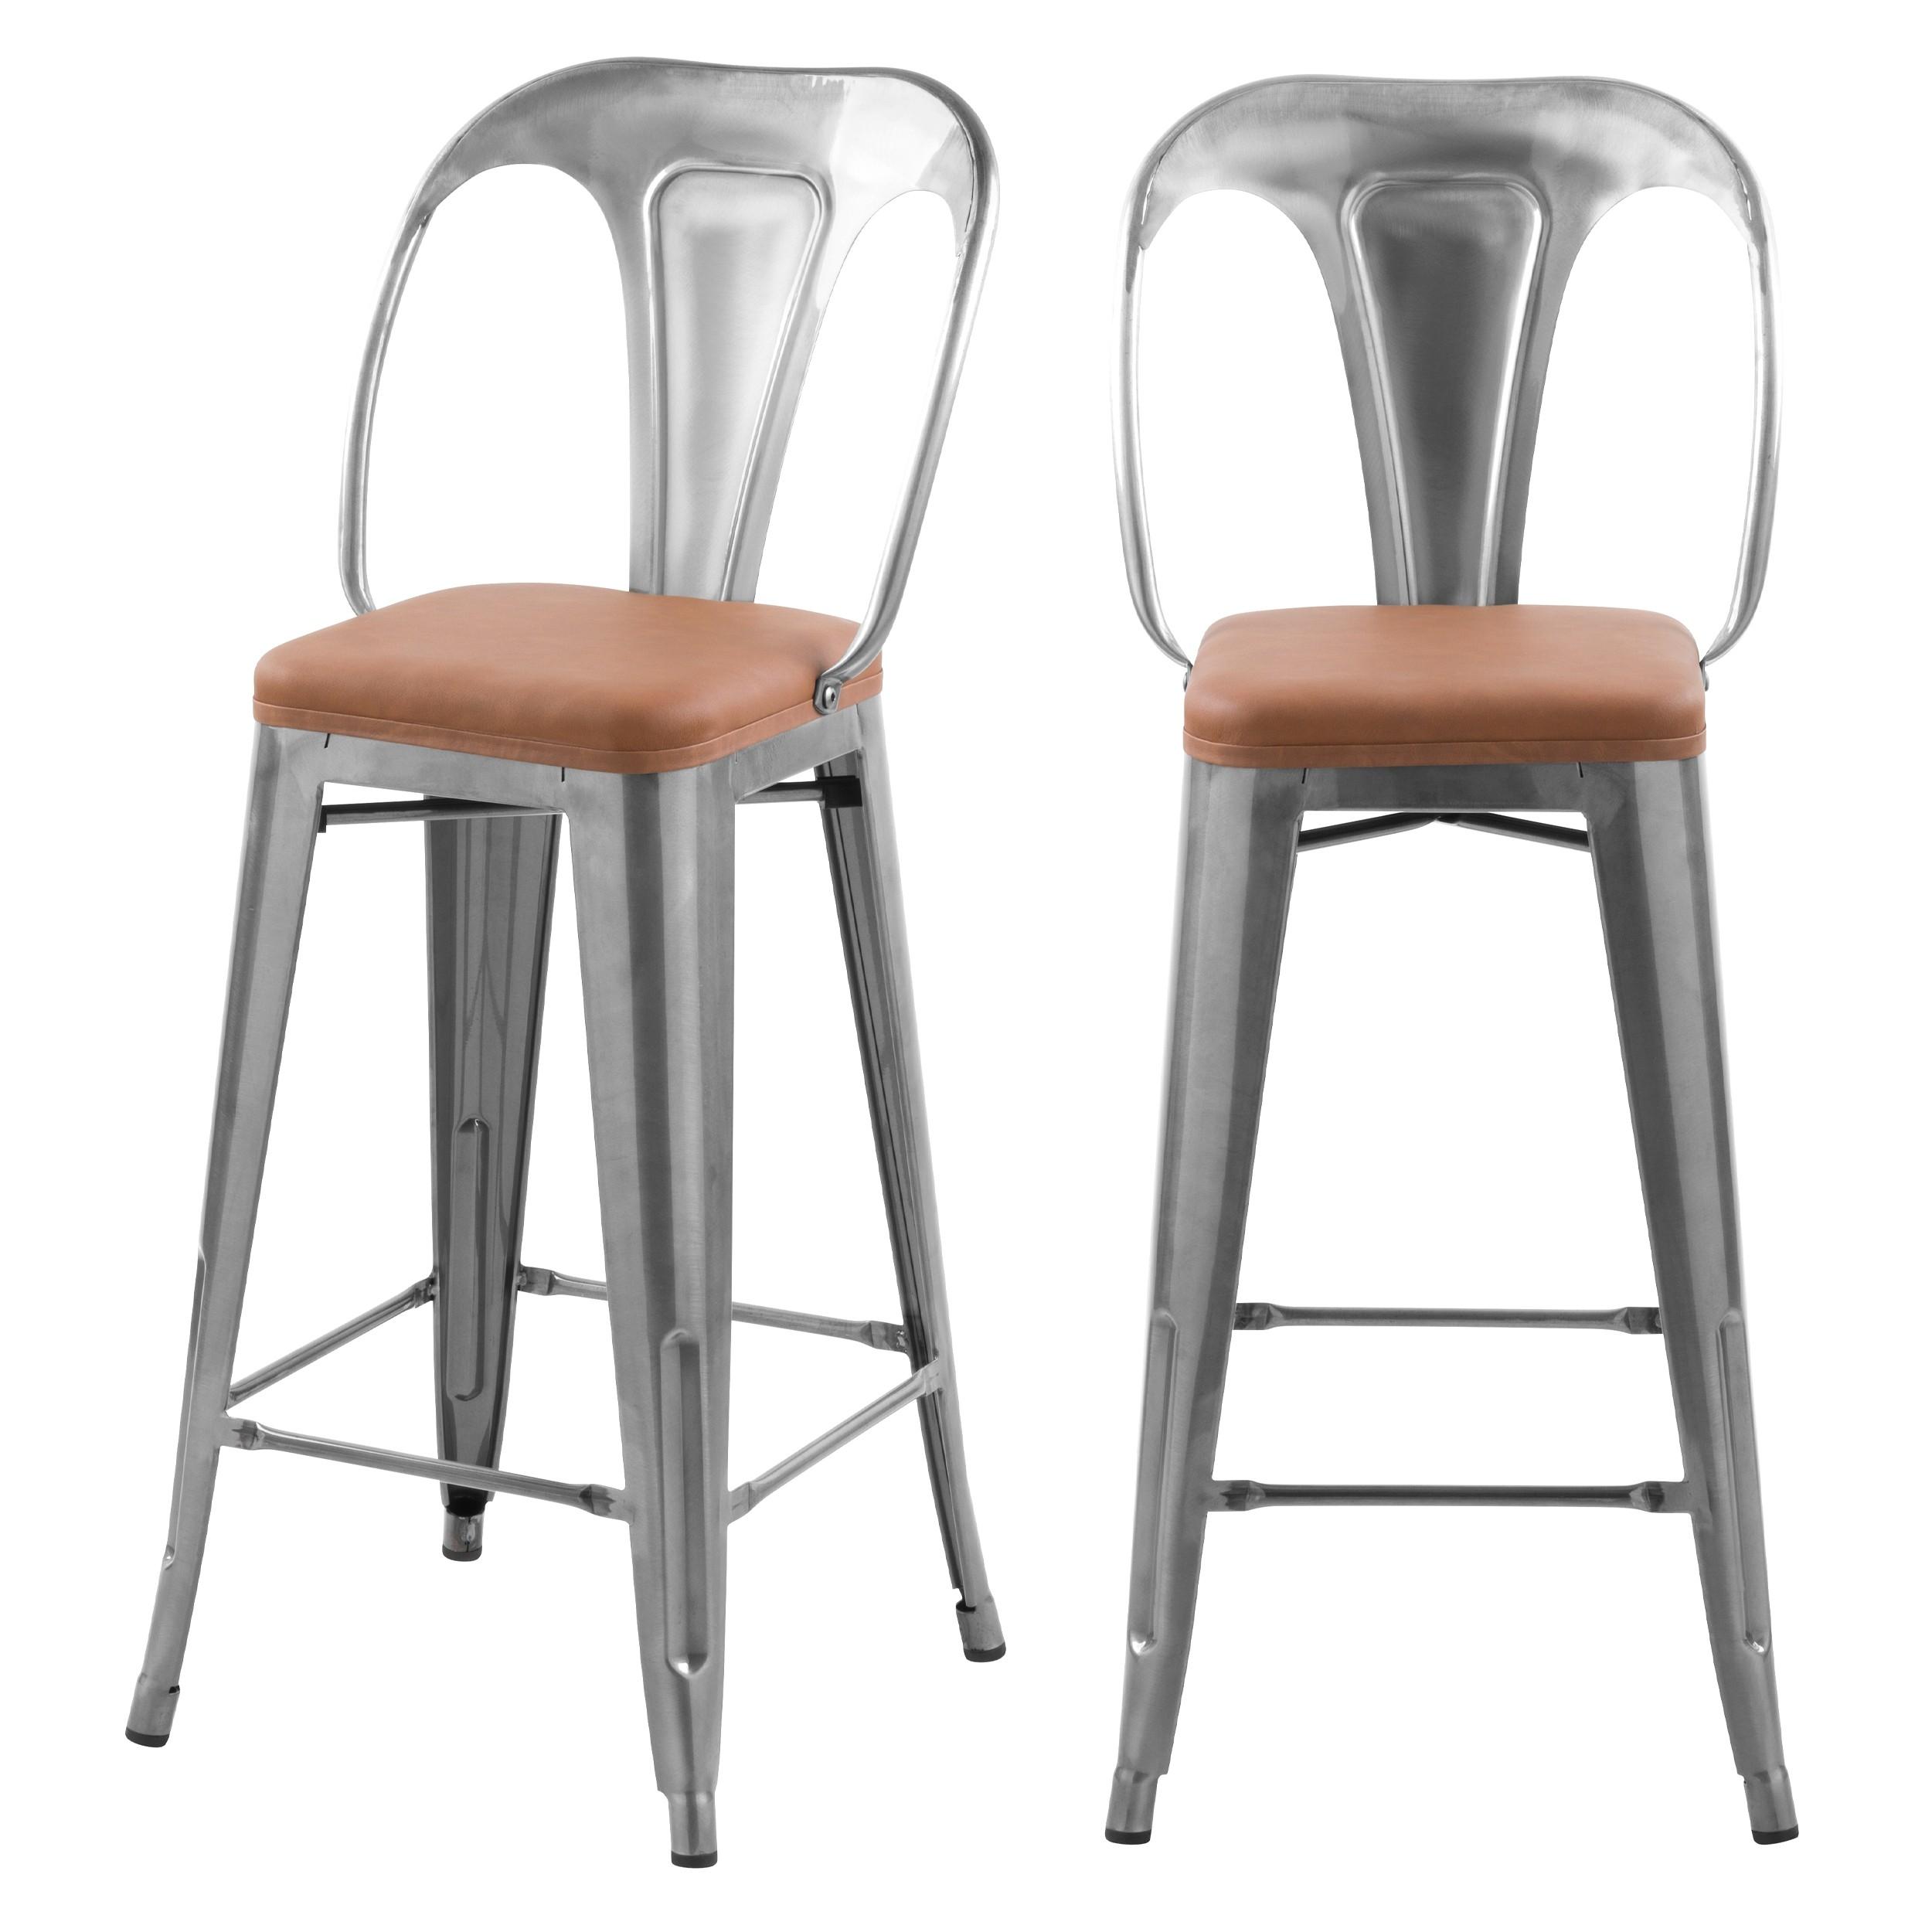 Chaises de bar mi hauteur Charly chrome et marron 66cm (lot de 2)